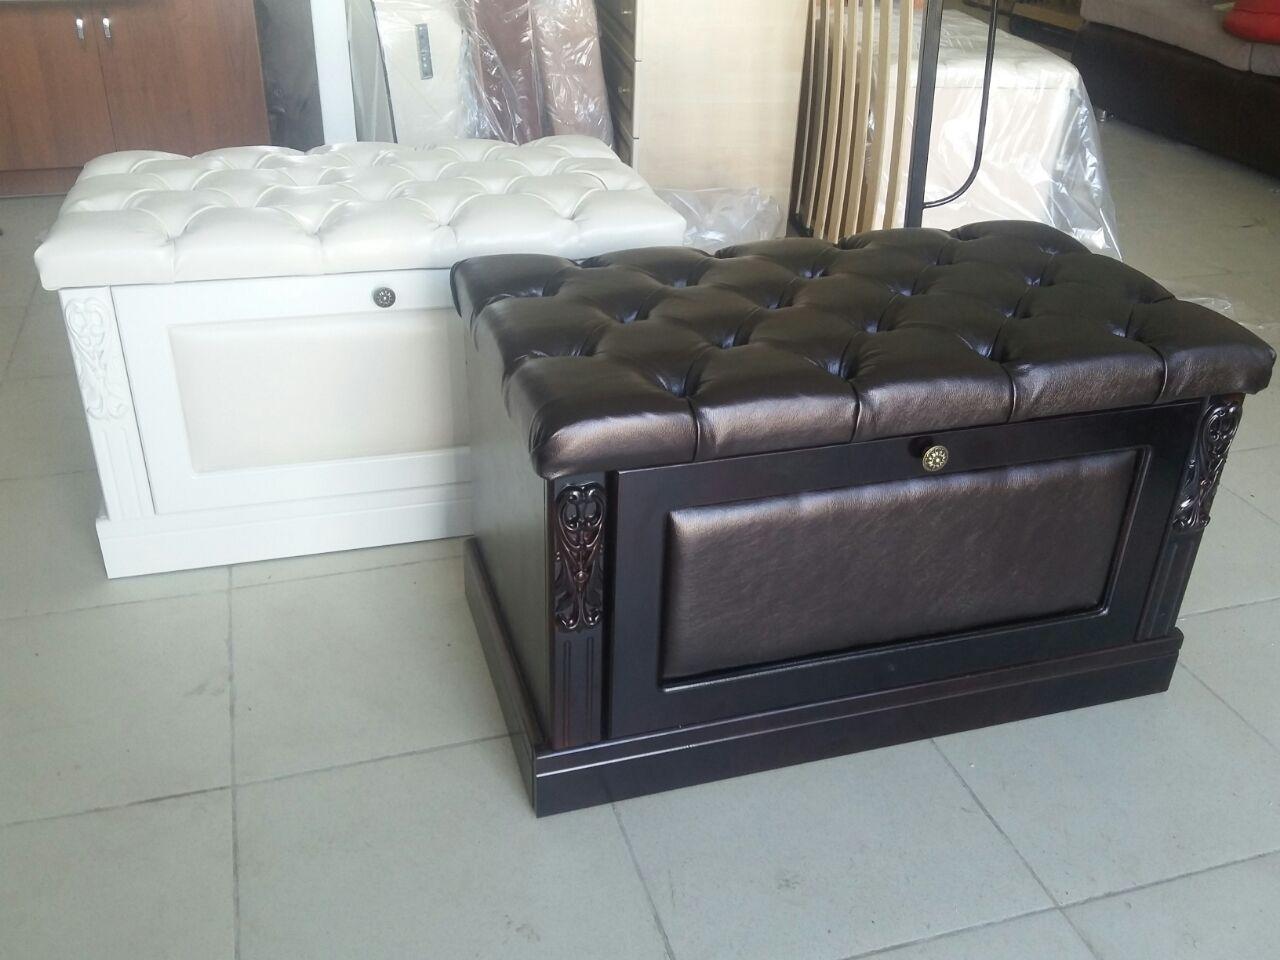 деревянная банкетка в прихожую комнату с дверцами дизайн